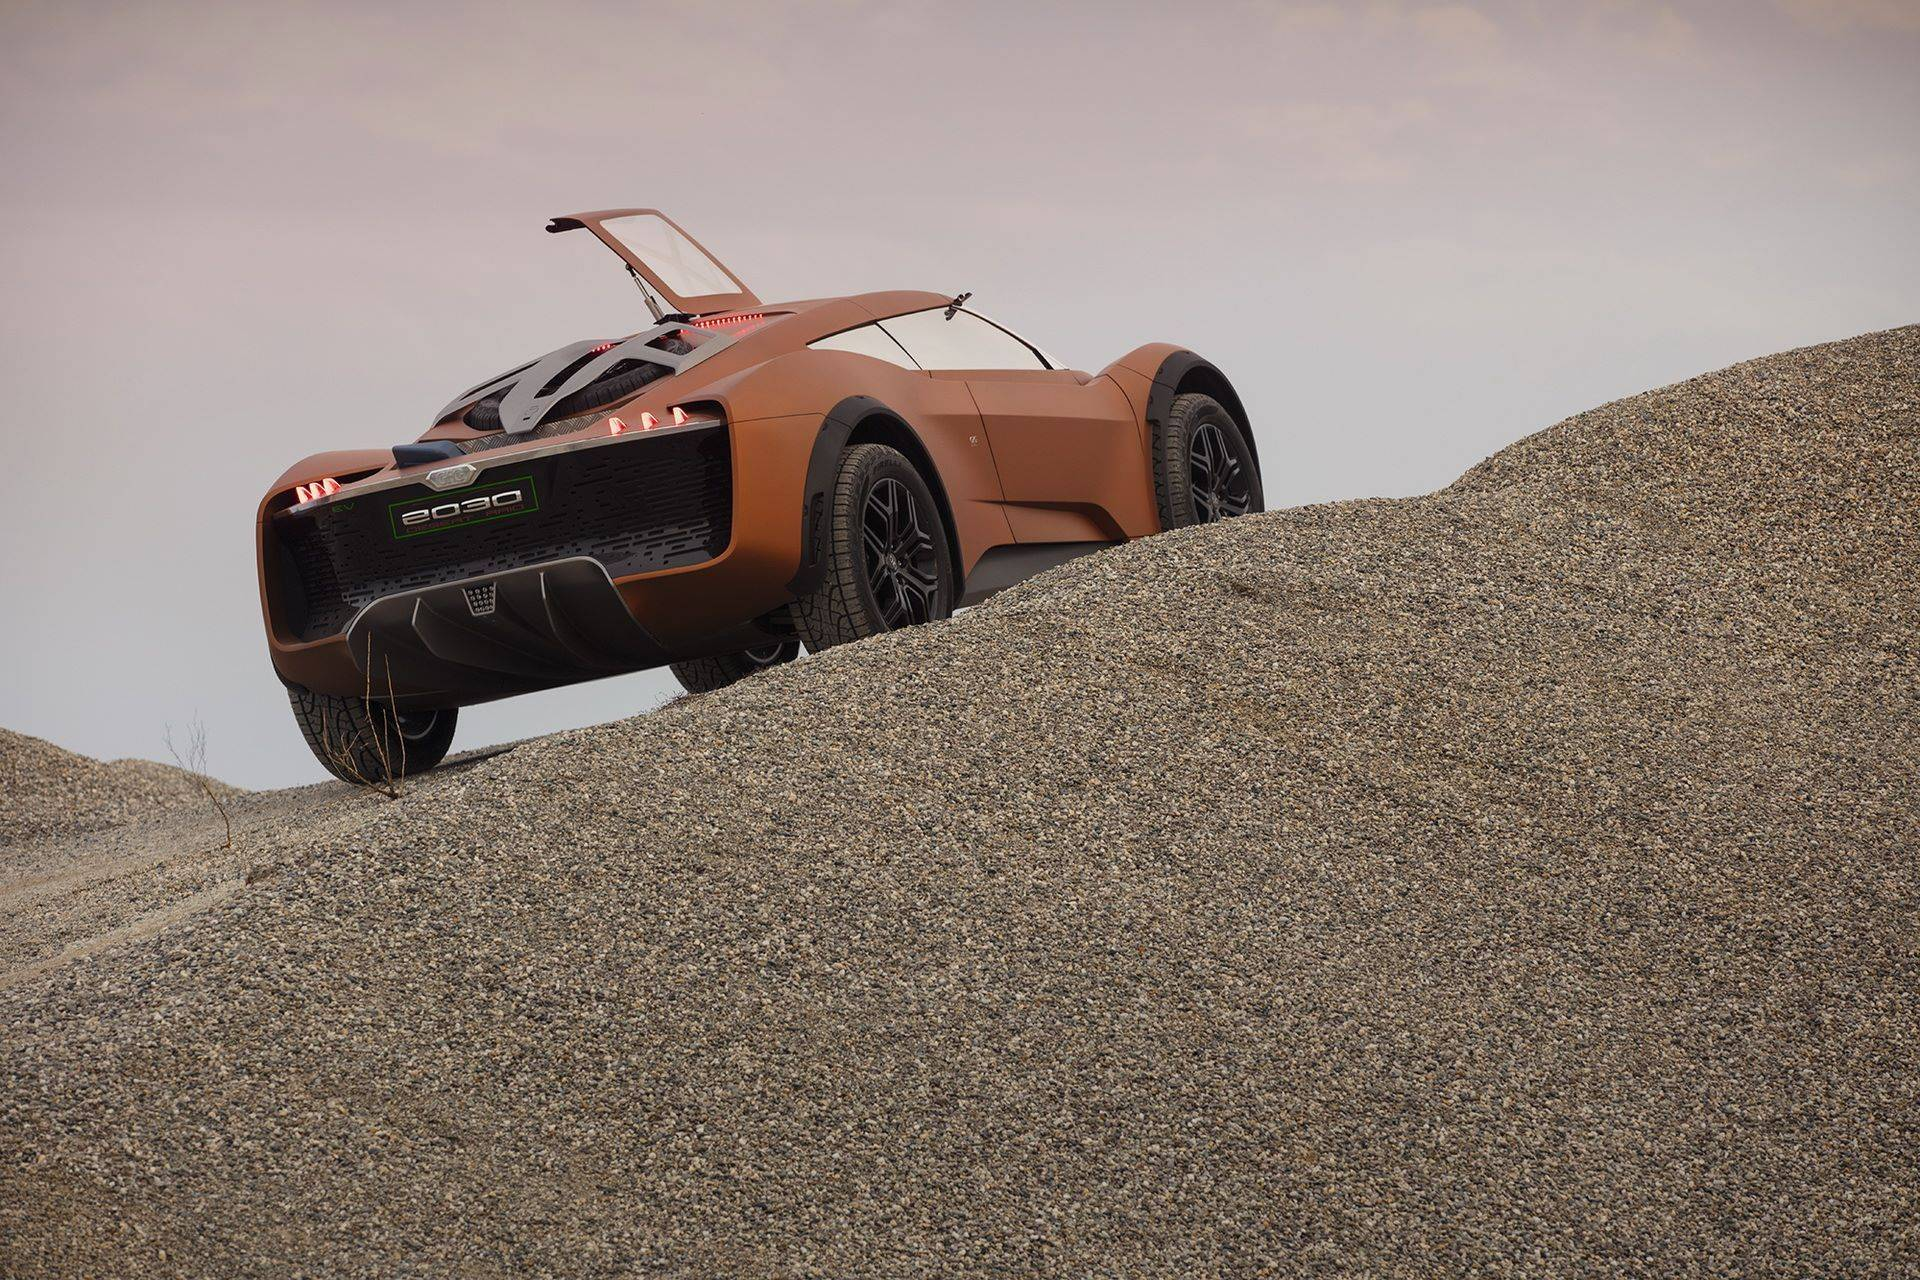 gfg-style-vision-2030-desert-raid-11